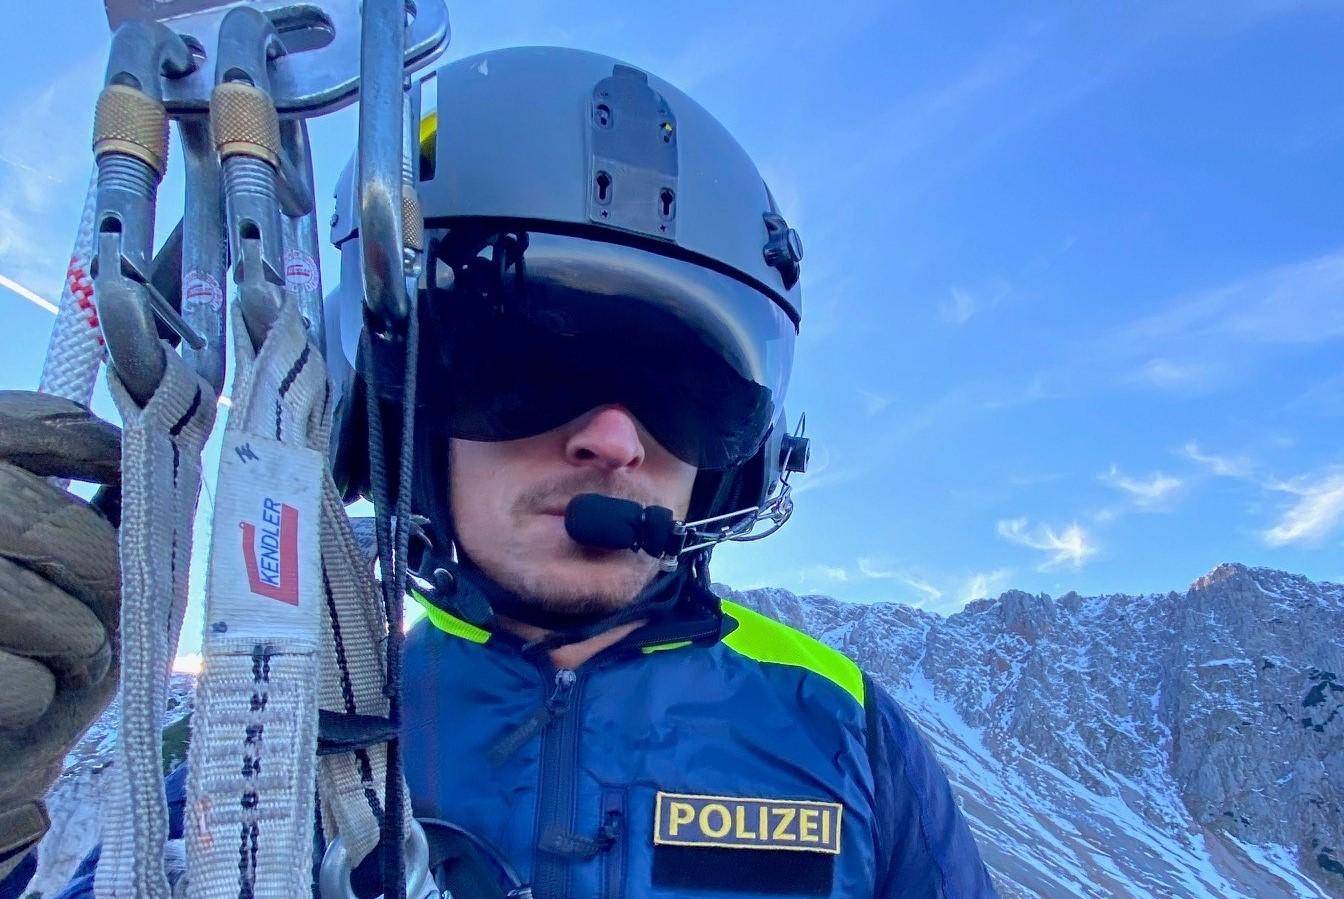 Teurer Leichtsinn: Deutsche gerieten ohne Karten und Ausrüstung am Schneeberg in Bergnot